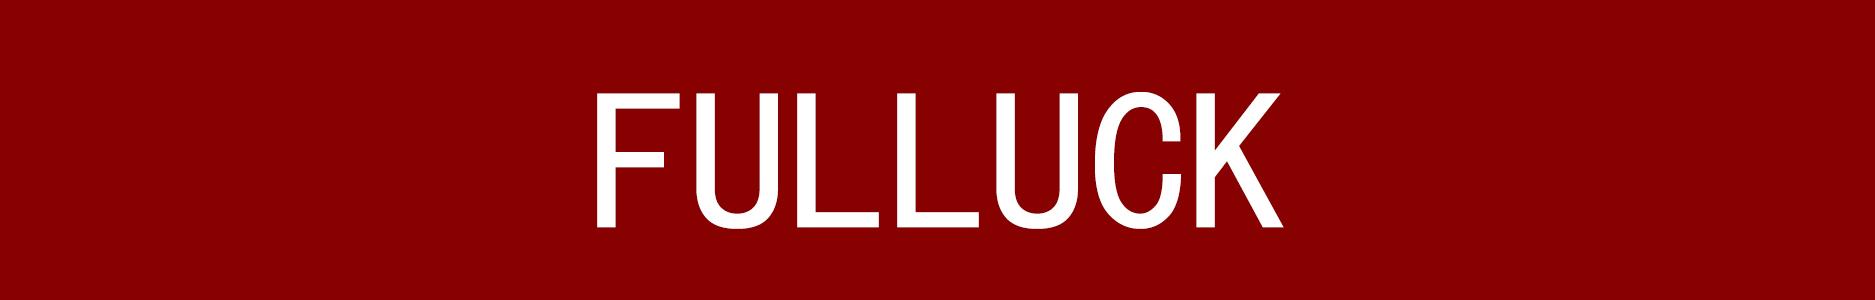 fulluck banner